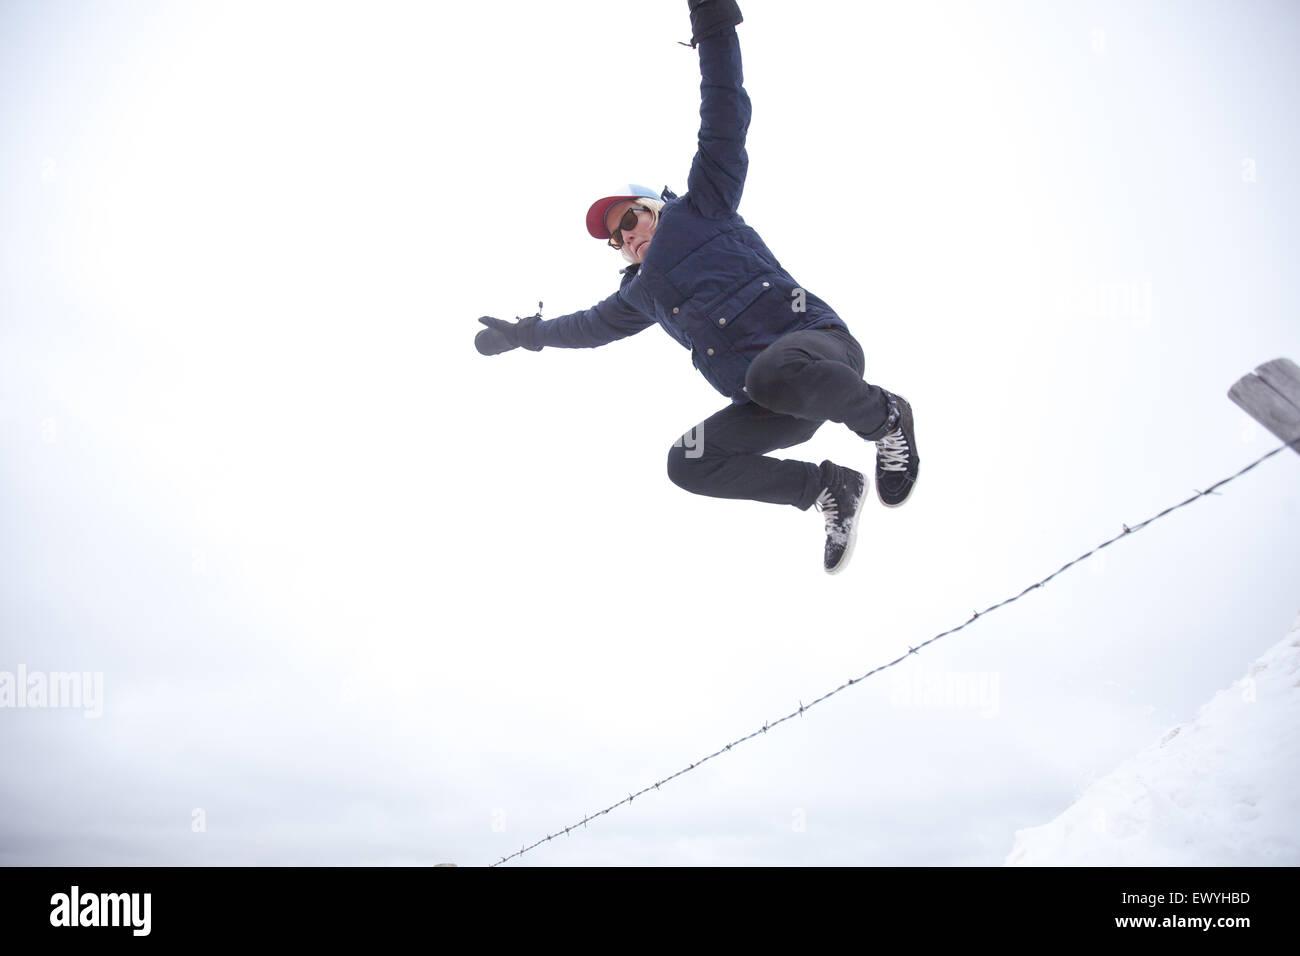 Basso angolo di visione di un giovane uomo di saltare oltre il recinto Immagini Stock